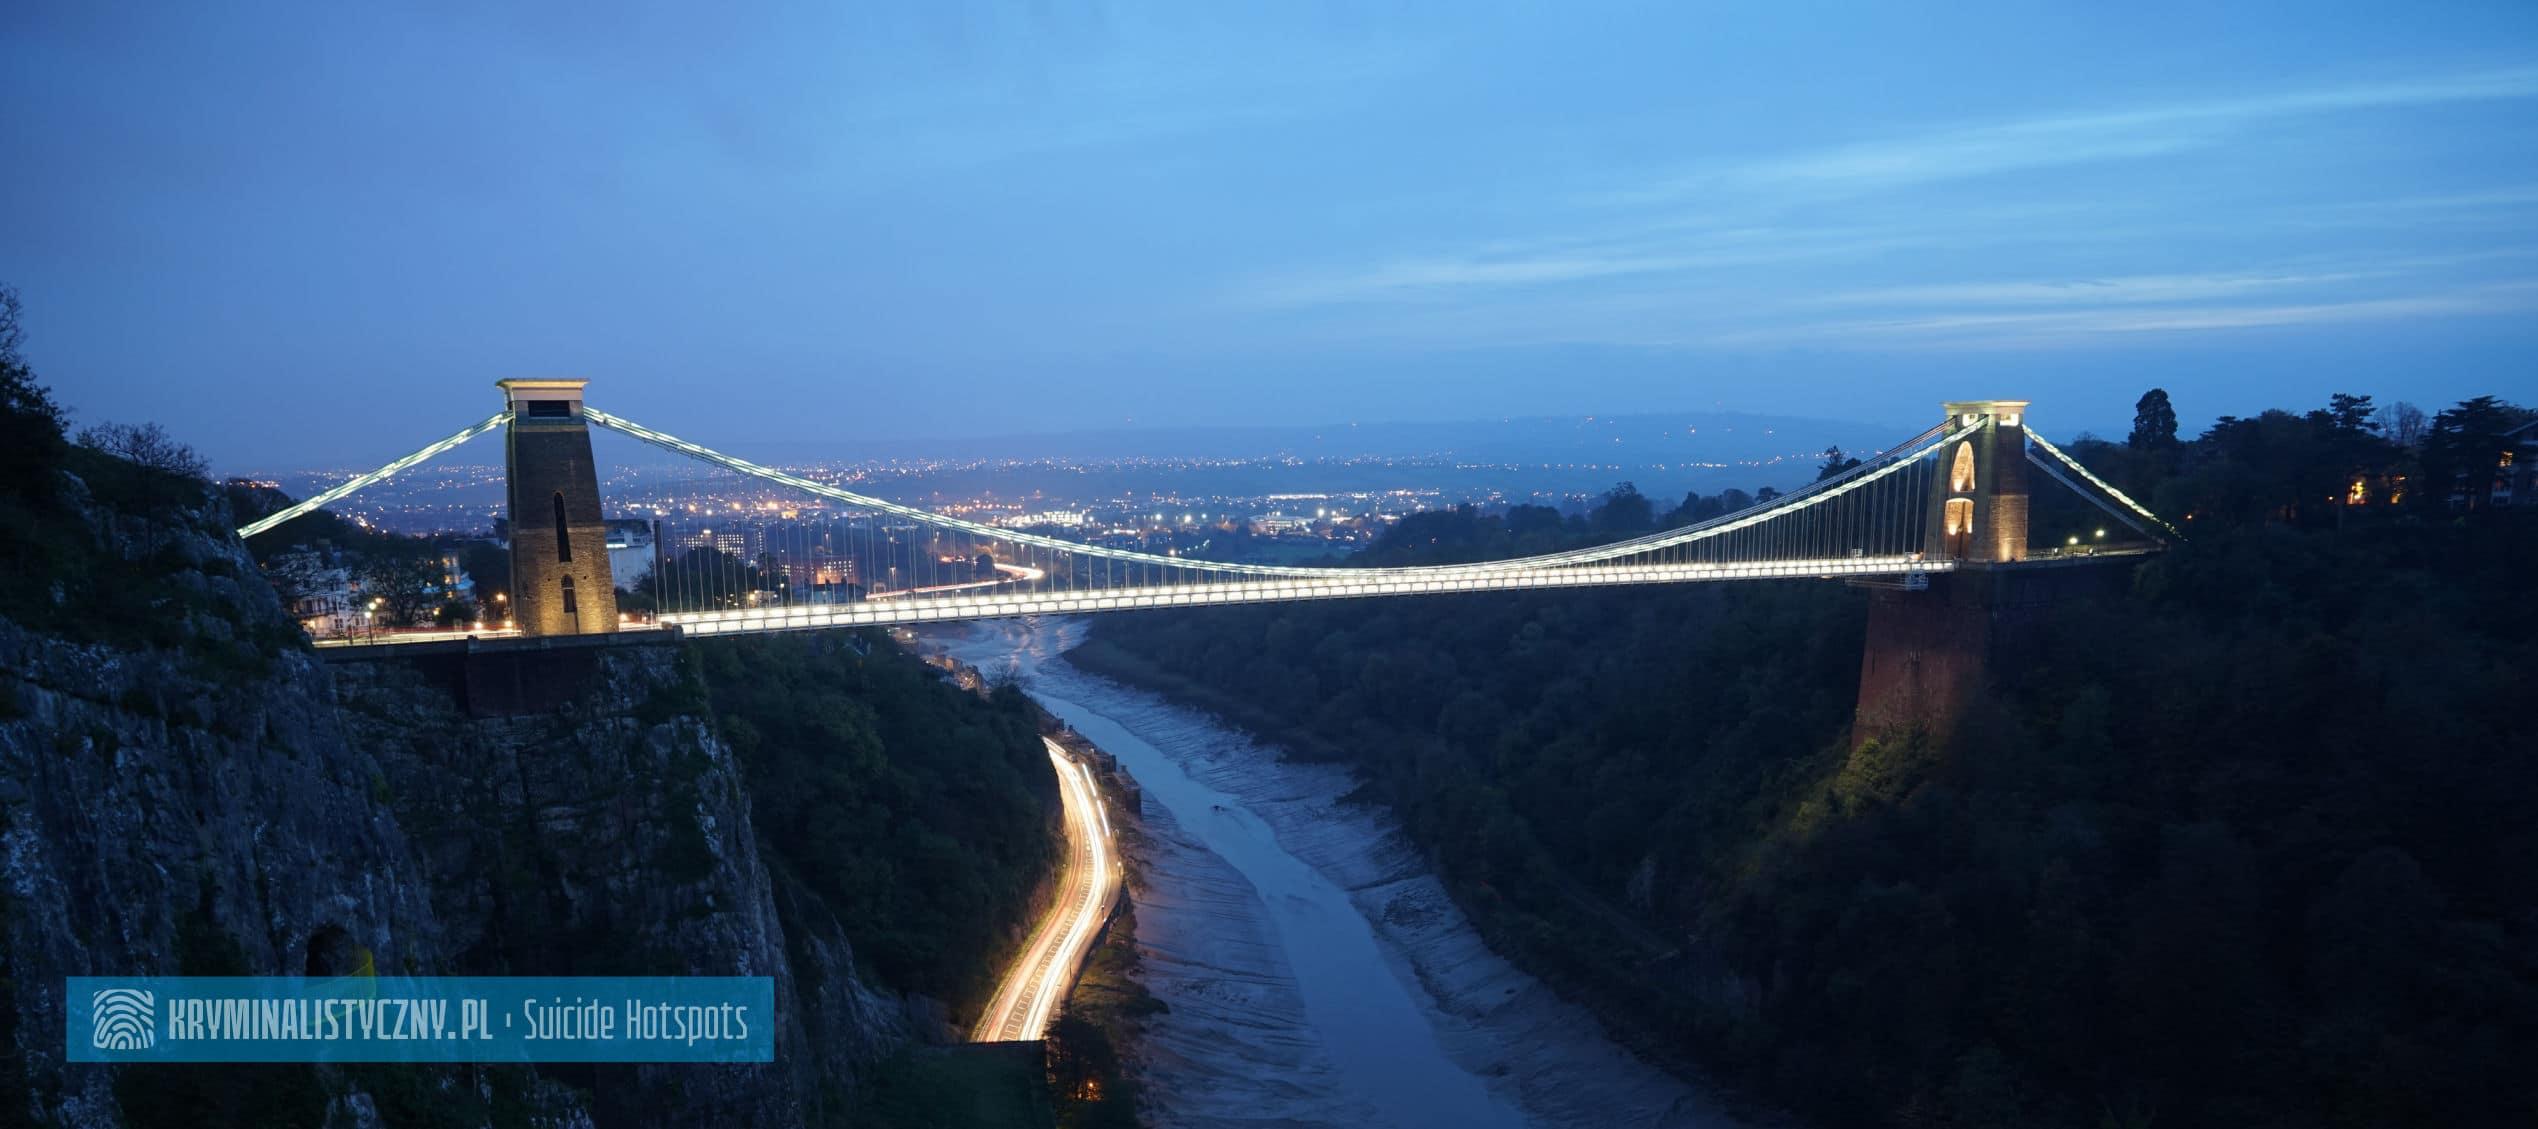 Suicide Hotspots Clifton Suspension Bridge